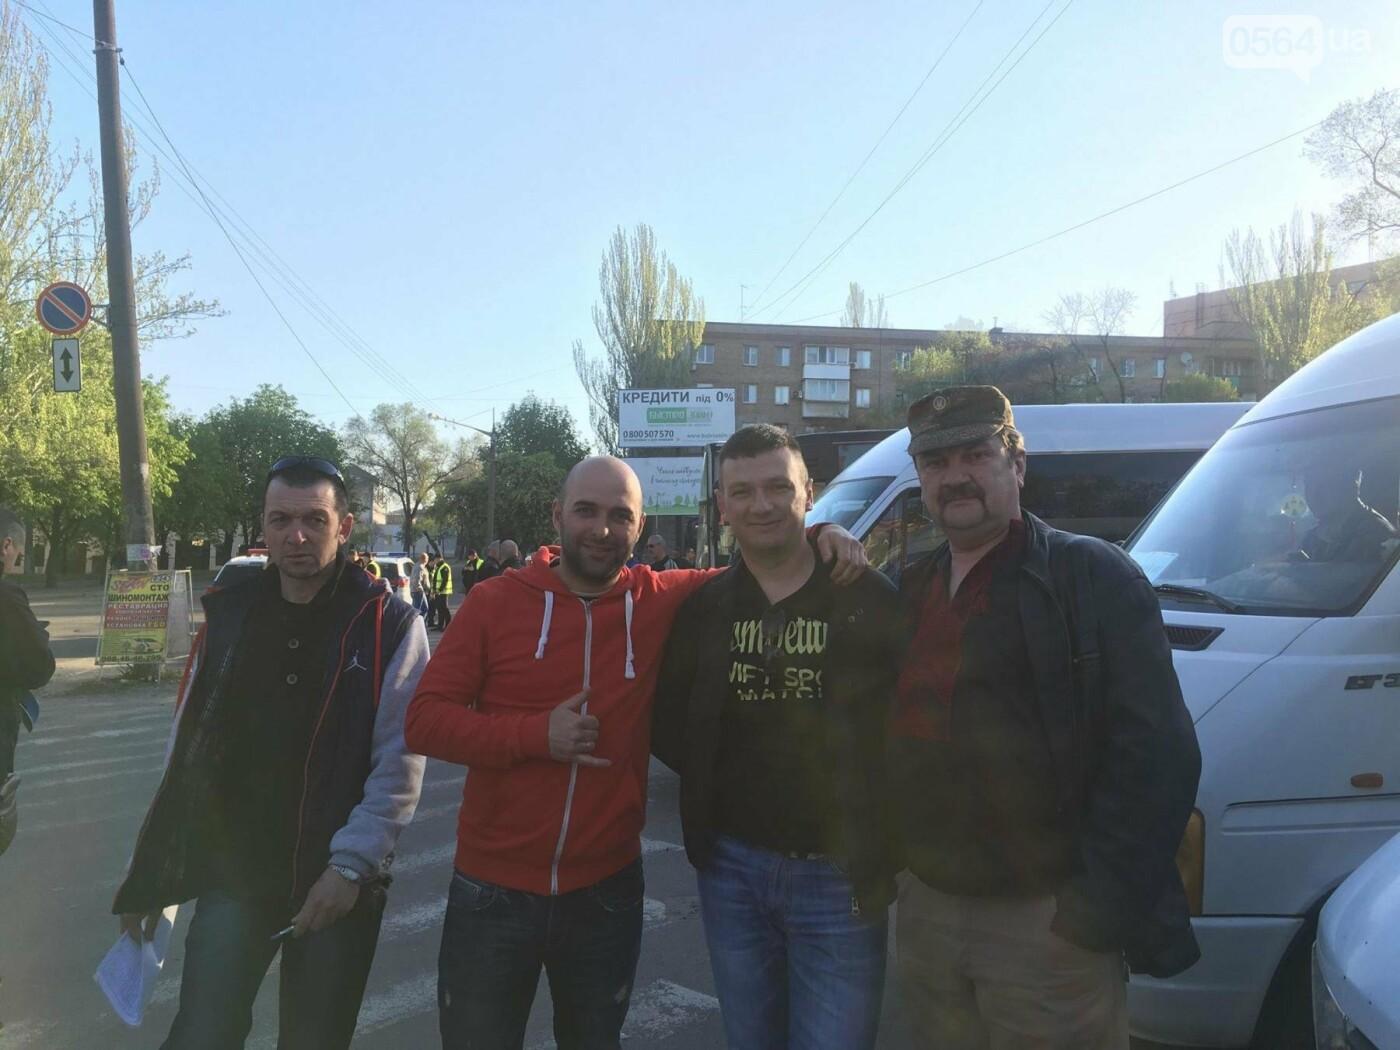 Сотни криворожан сегодня утром выехали на Хортицу, где высадят дубы и установят Крестомеч (ФОТО, ВИДЕО), фото-2